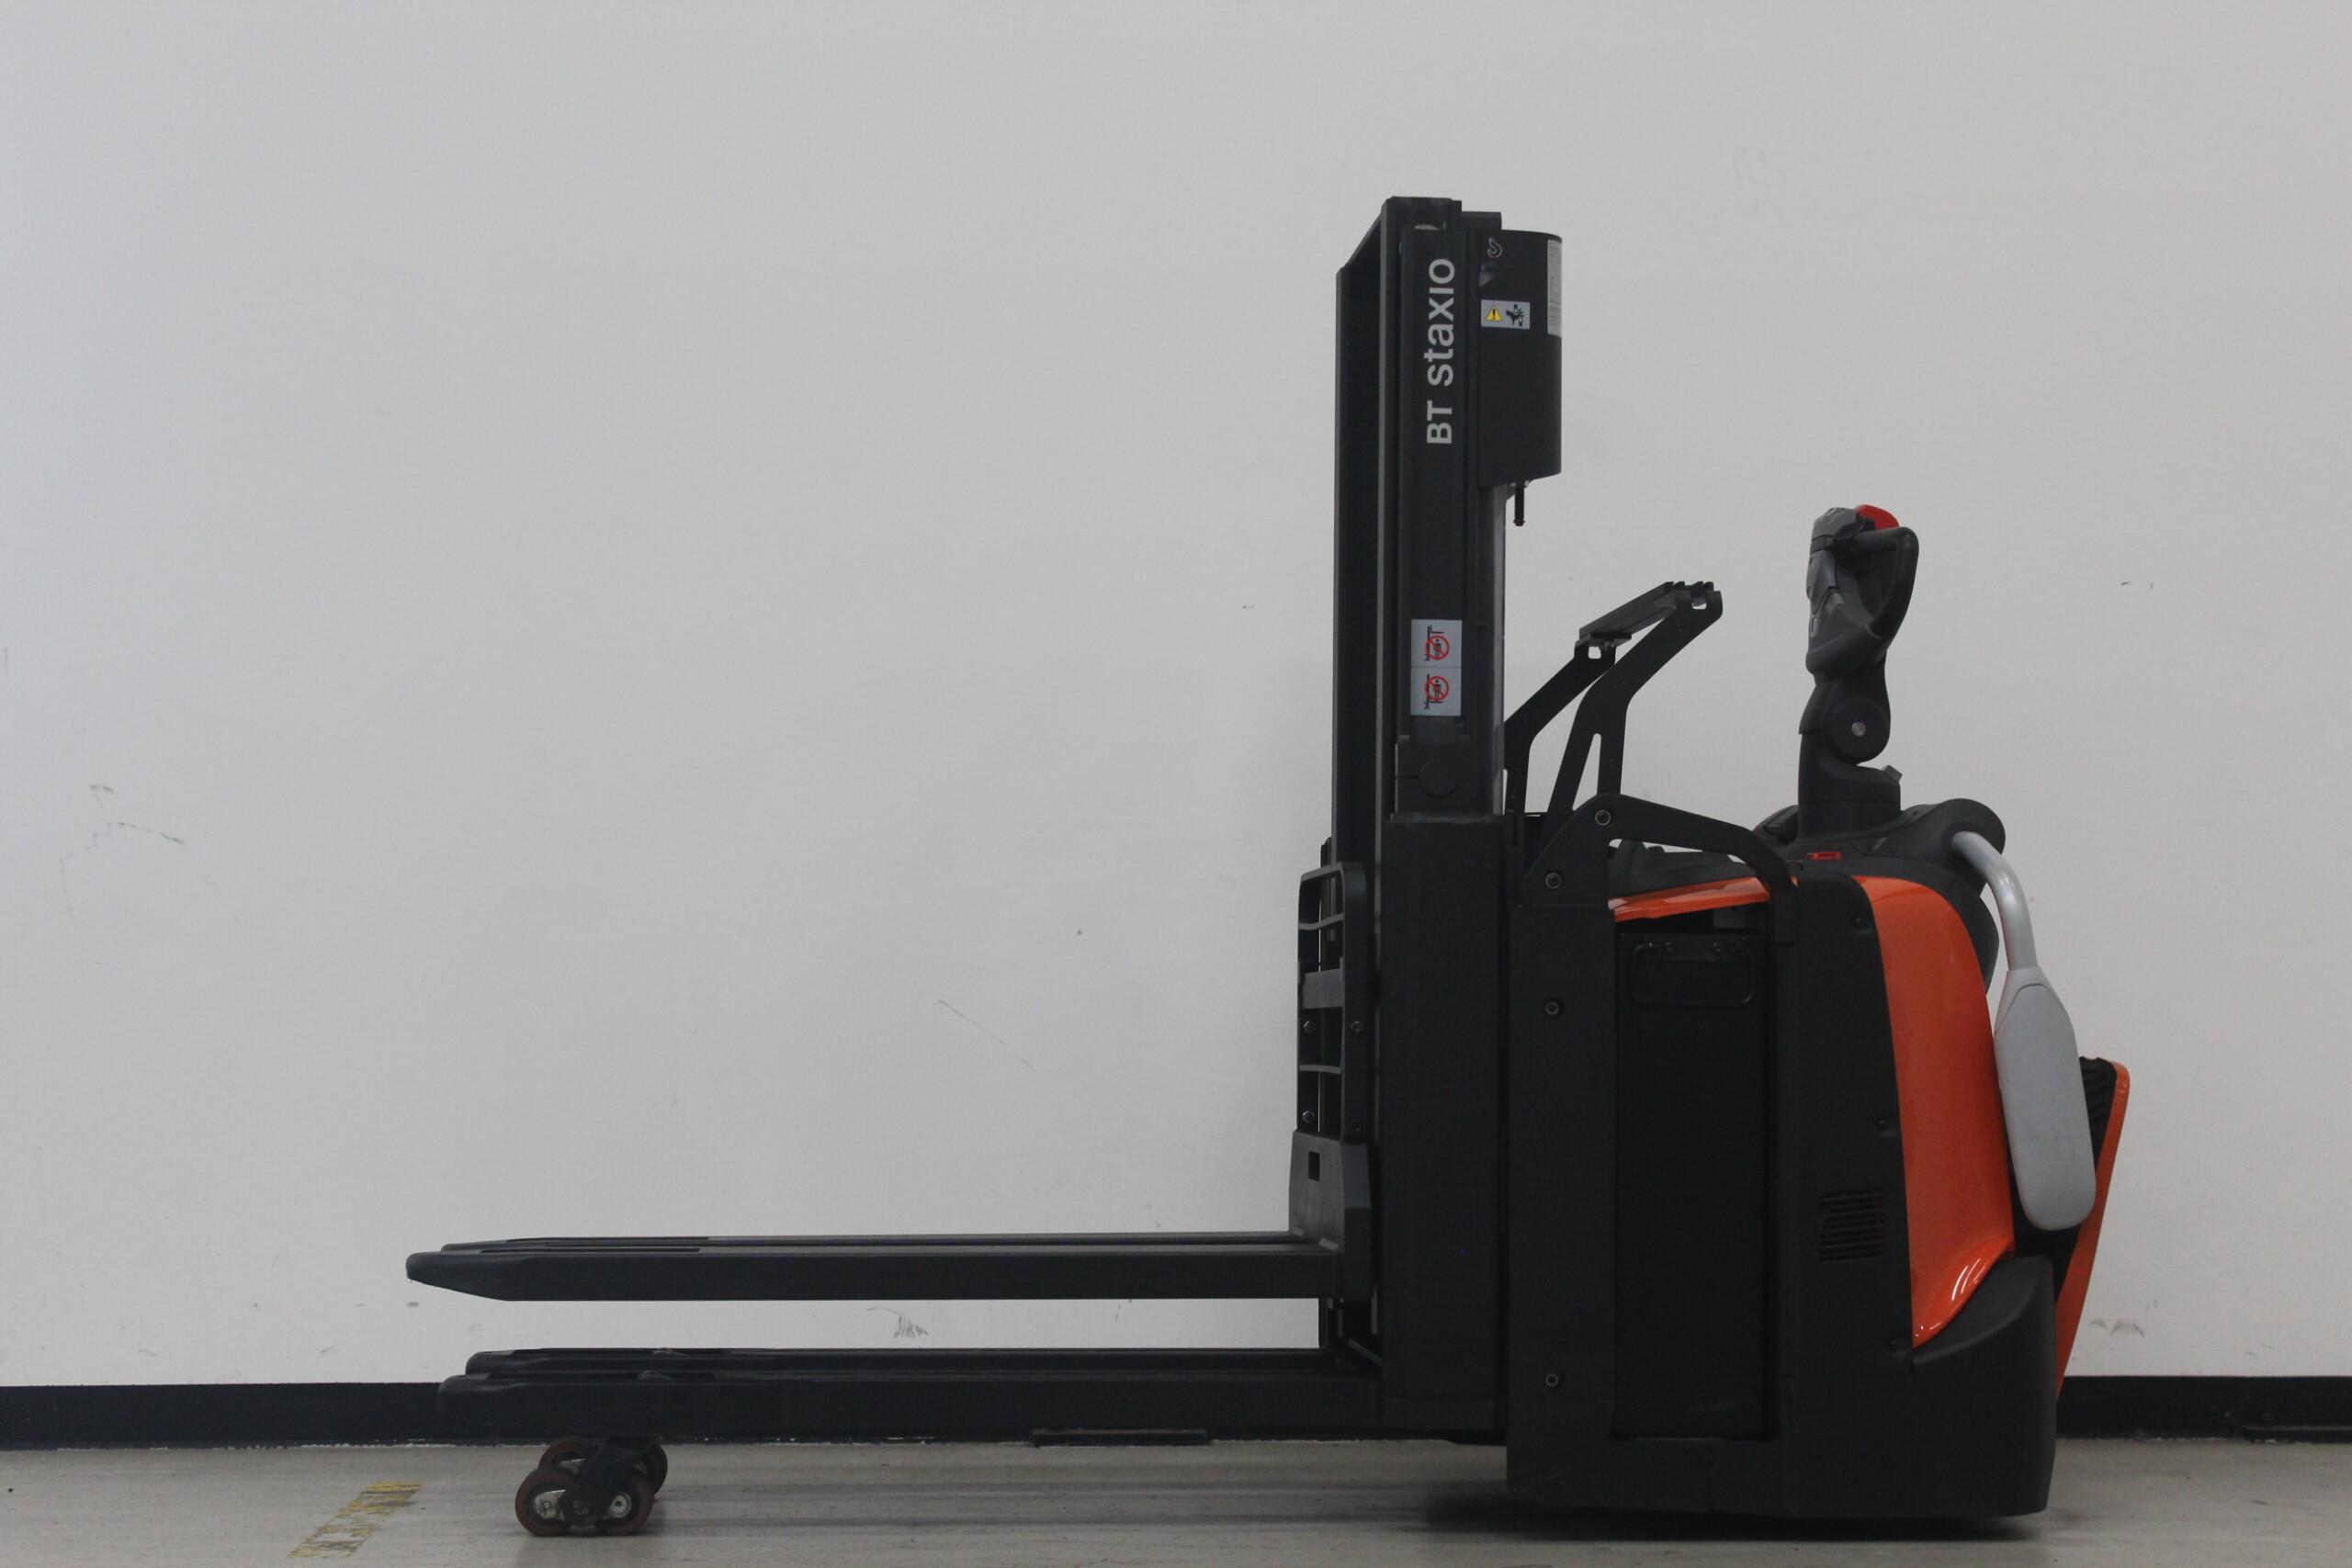 Toyota-Gabelstapler-59840 1803034791 1 11 scaled